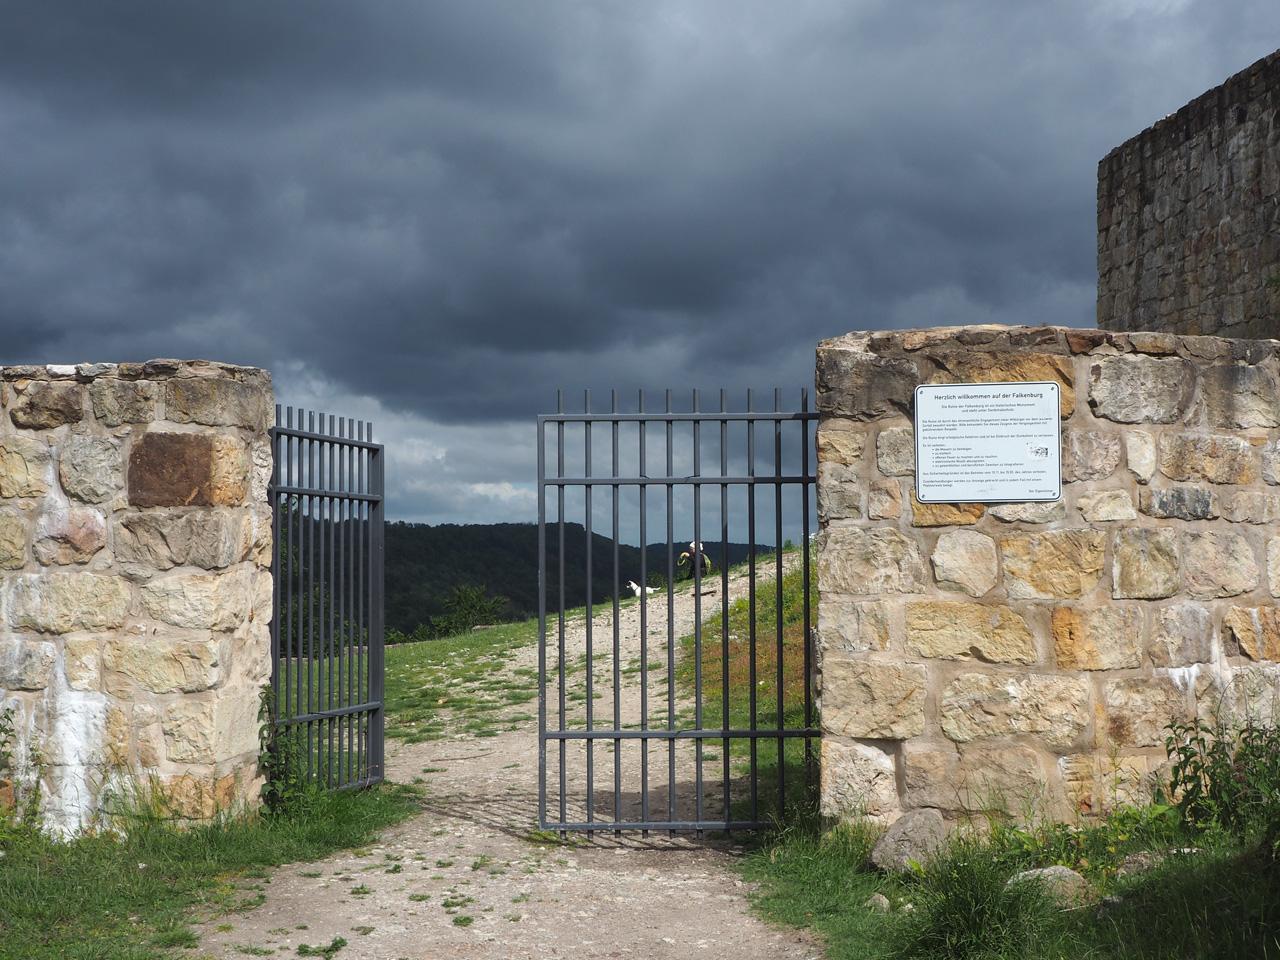 bosonderhoud... er is nog niet opgeruimd